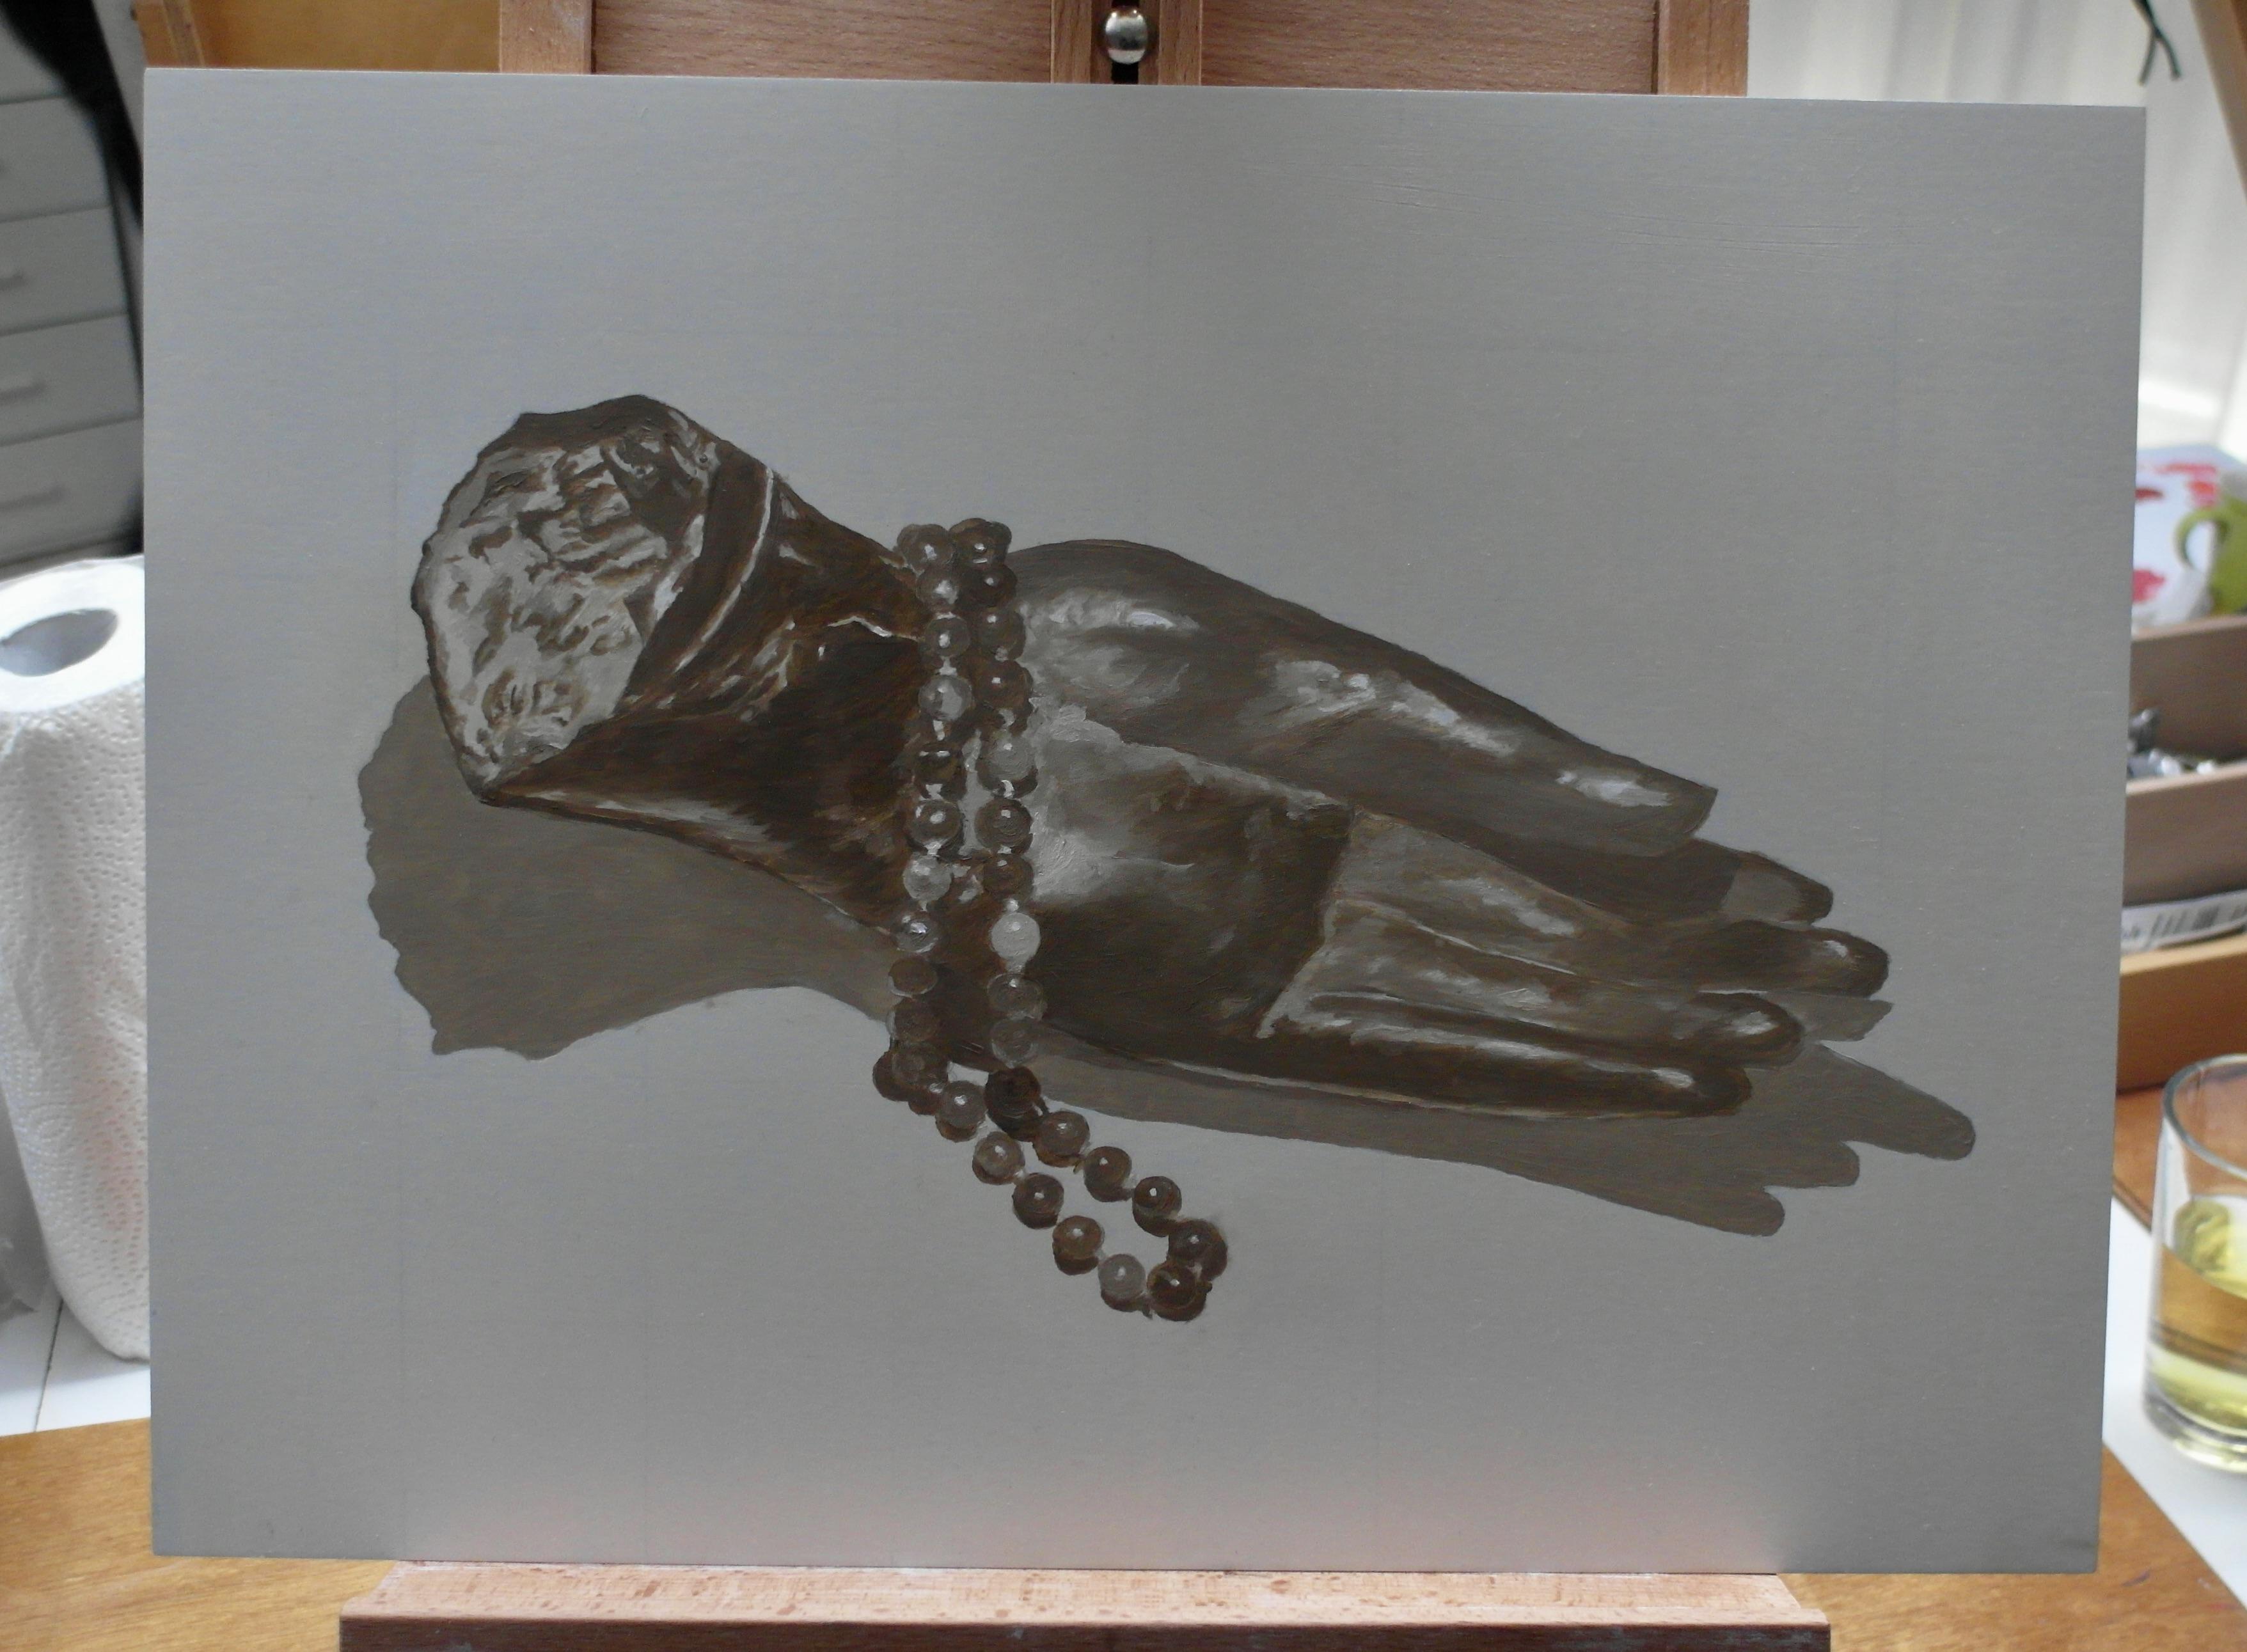 Theodora de Wit (beginnend fijnschilder)